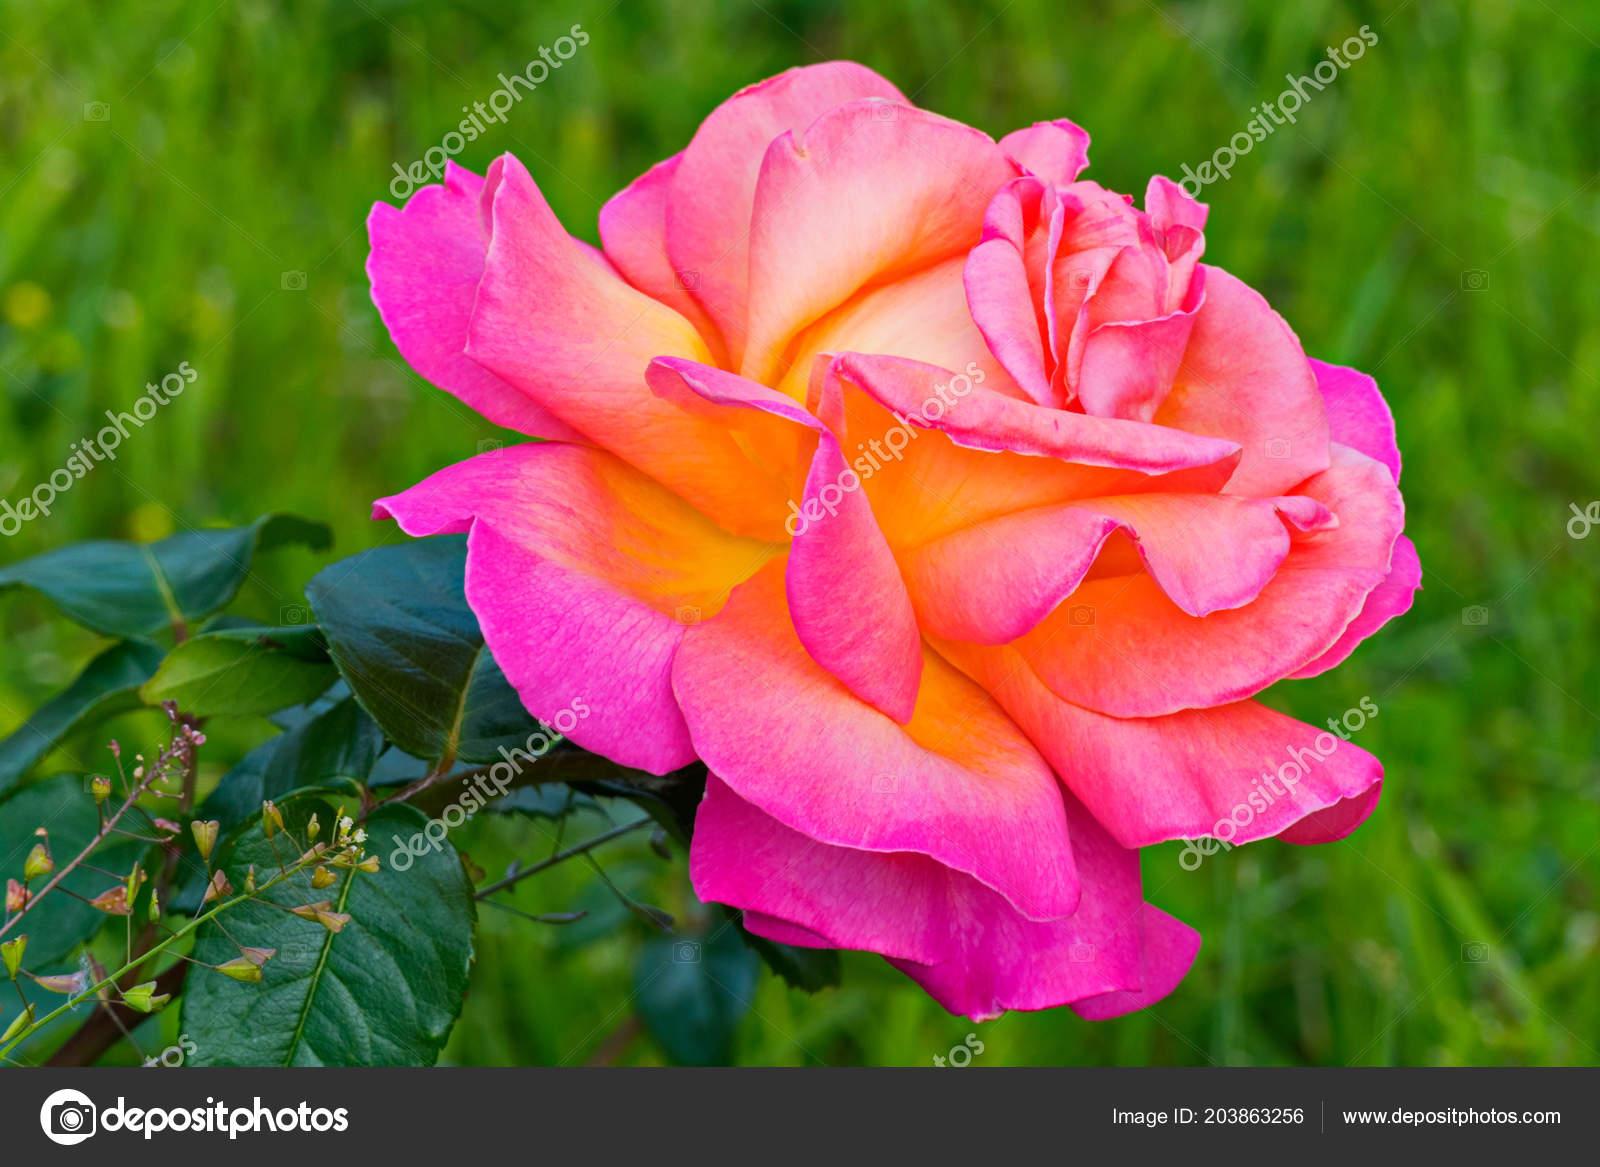 El Lujoso Pétalos De Una Rosa Hermosa Son Como Si Iluminado Desde